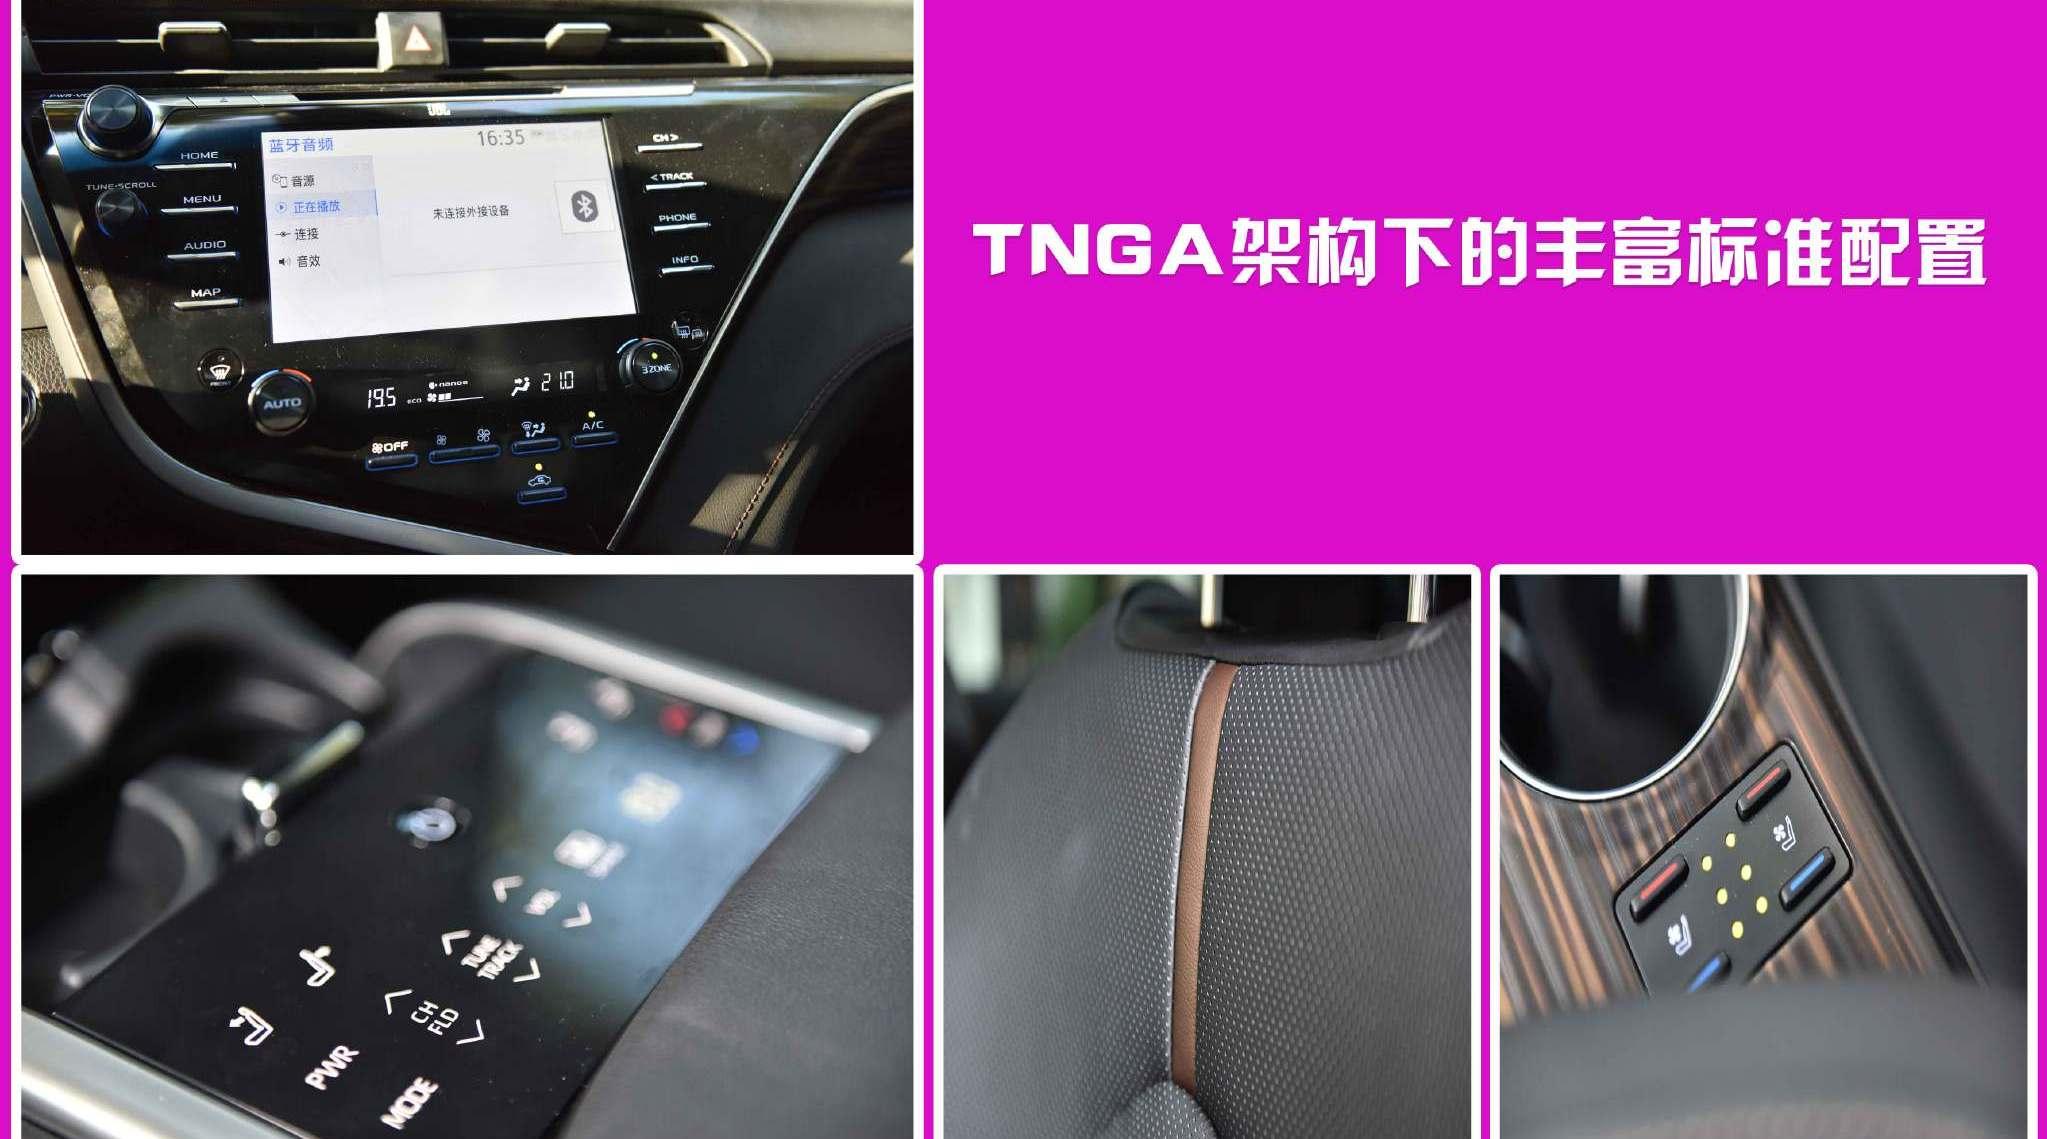 全新一代凯美瑞 TNGA架构下的丰富标准配置